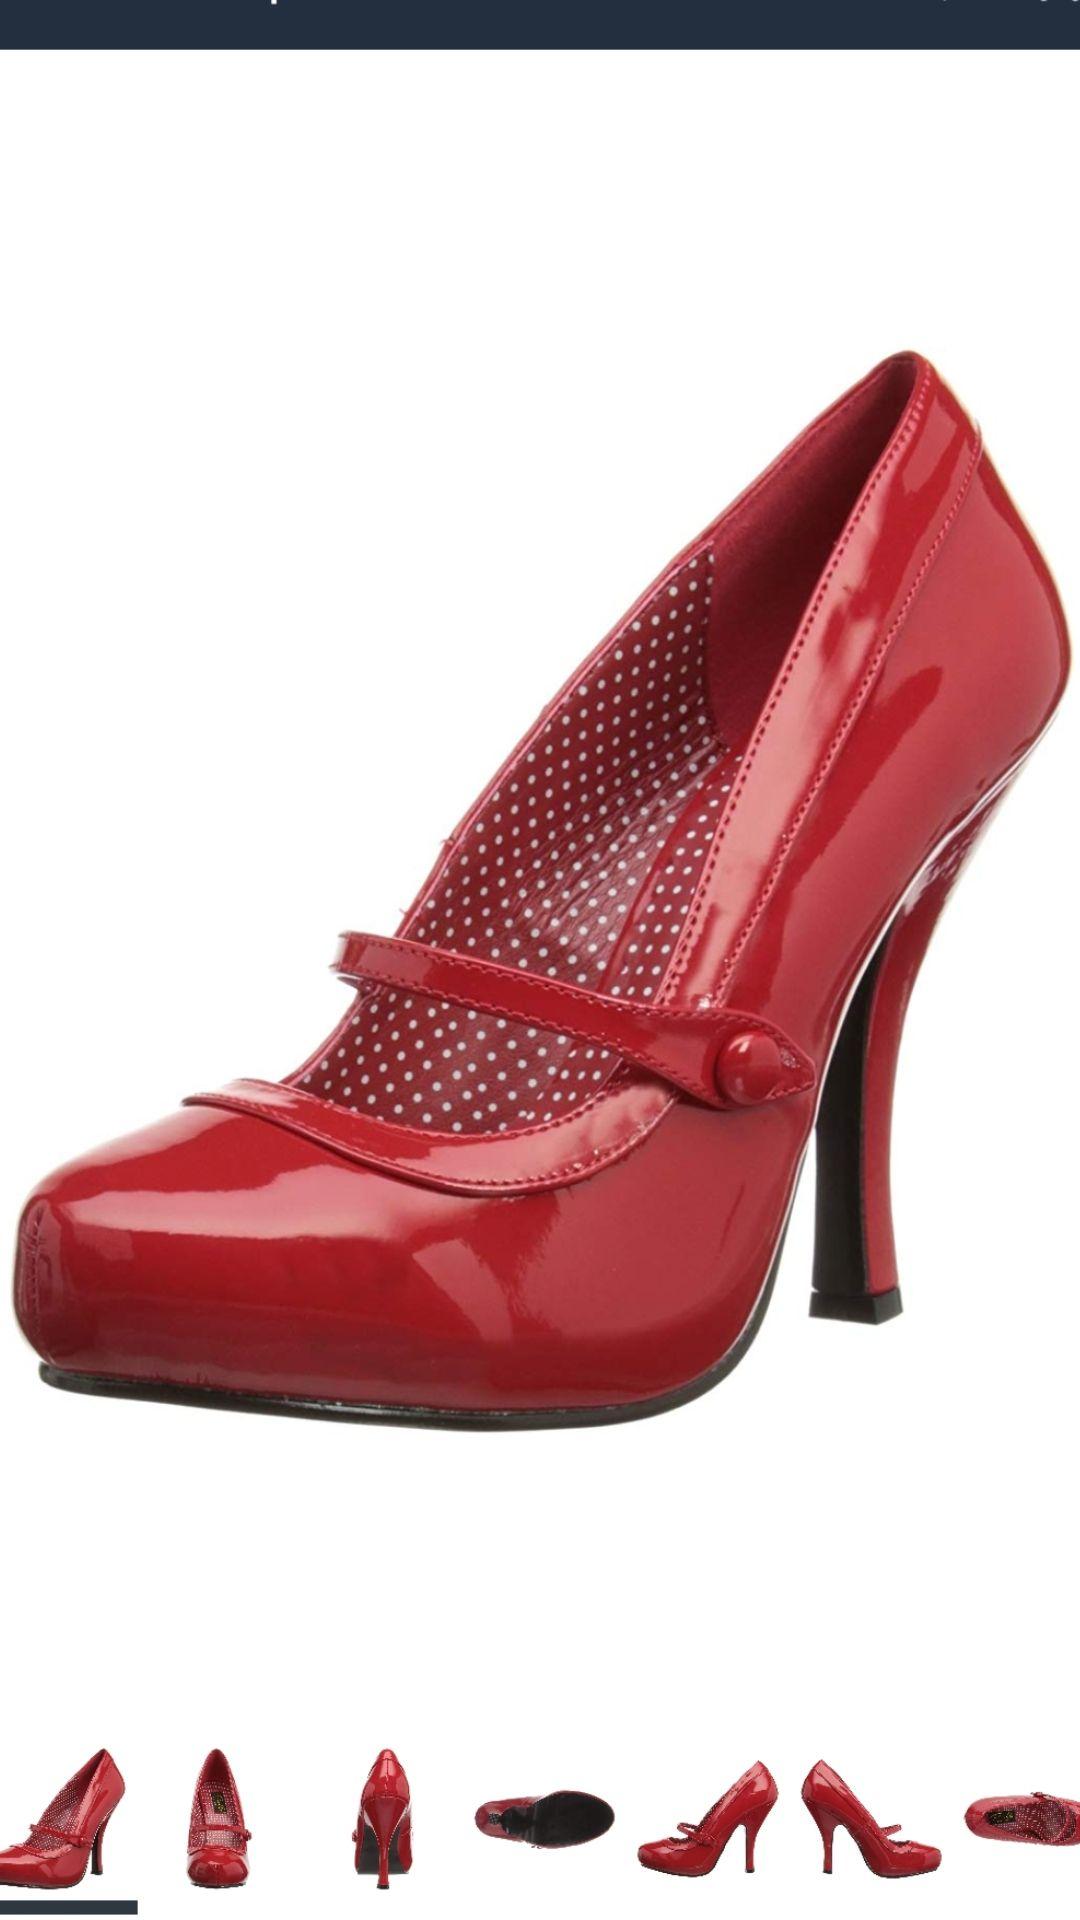 El zapato de cenicienta